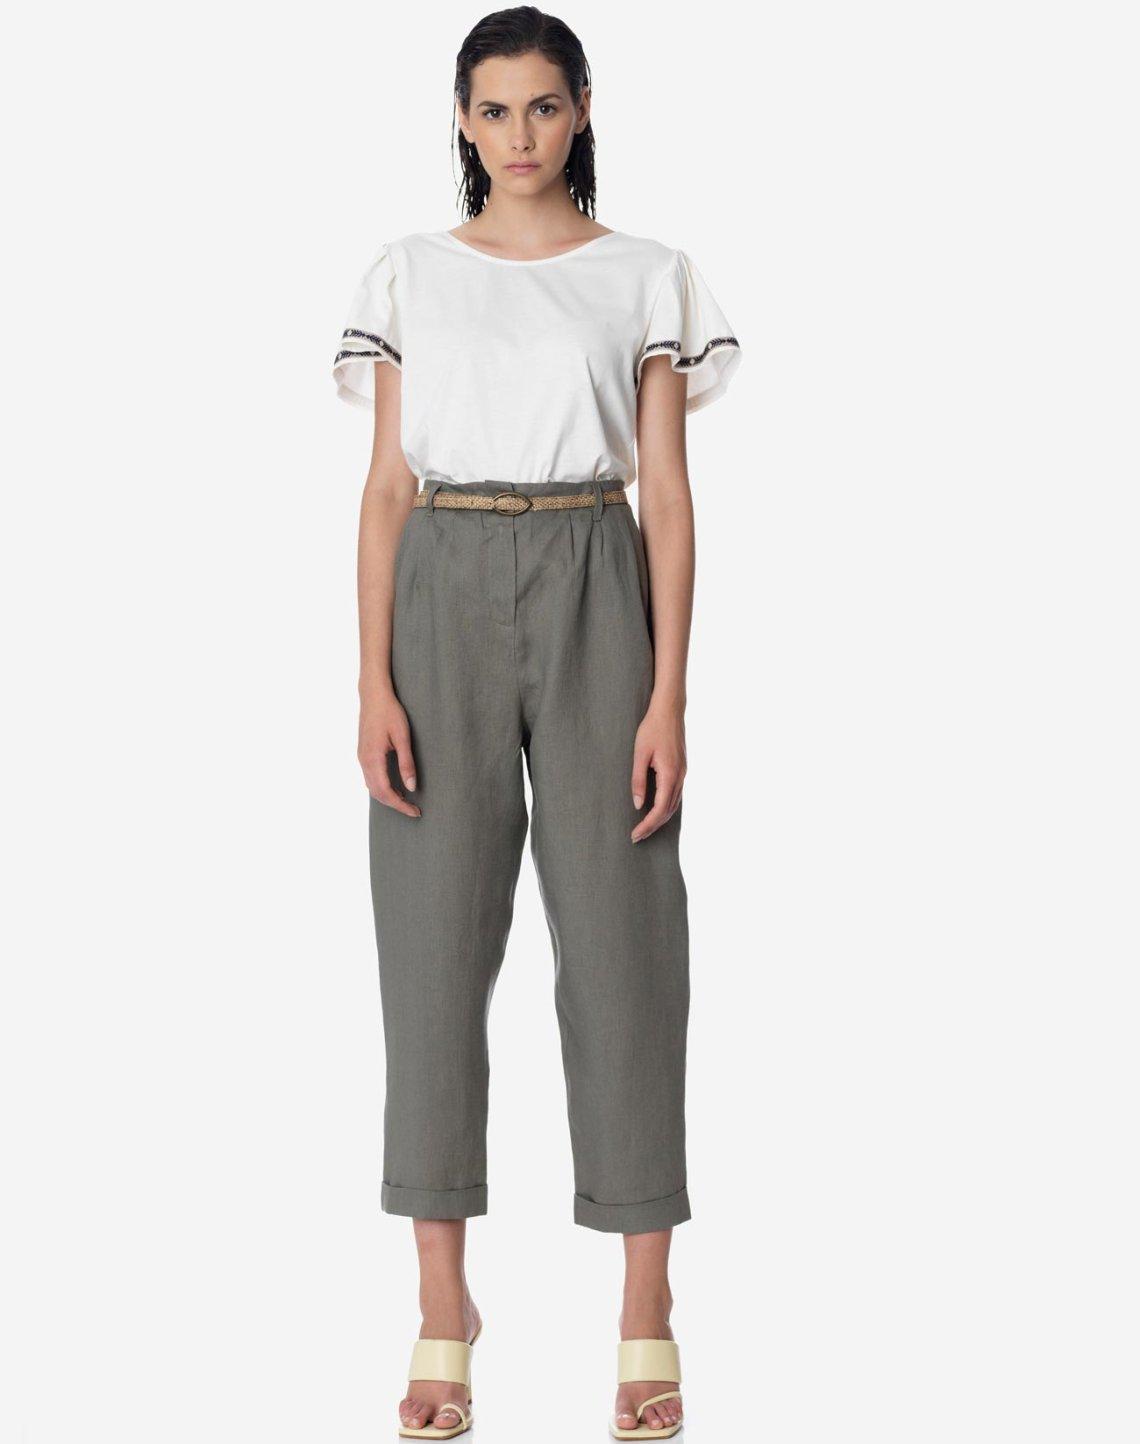 High-waist baggy linen trousers